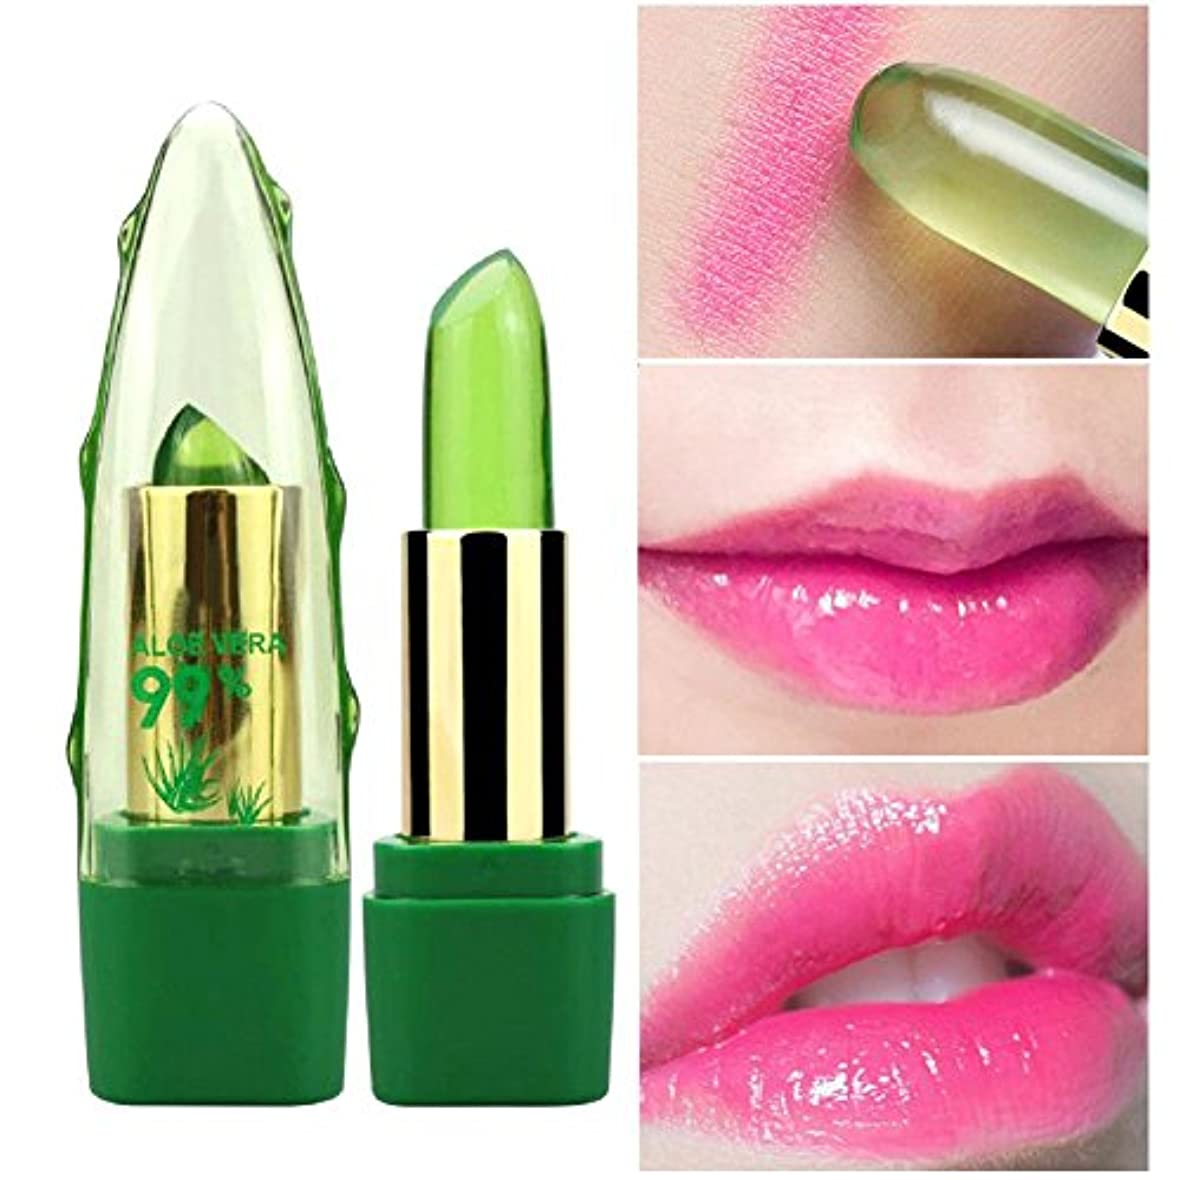 破壊的ワイヤー水曜日アロエベラゼリー リップクリーム 温度変化色 保湿 リップバーム 防水 長持ち 持ち運び リップスティック 天然植物 有機 健康 高輝度色で美しい唇を彩りルージュ